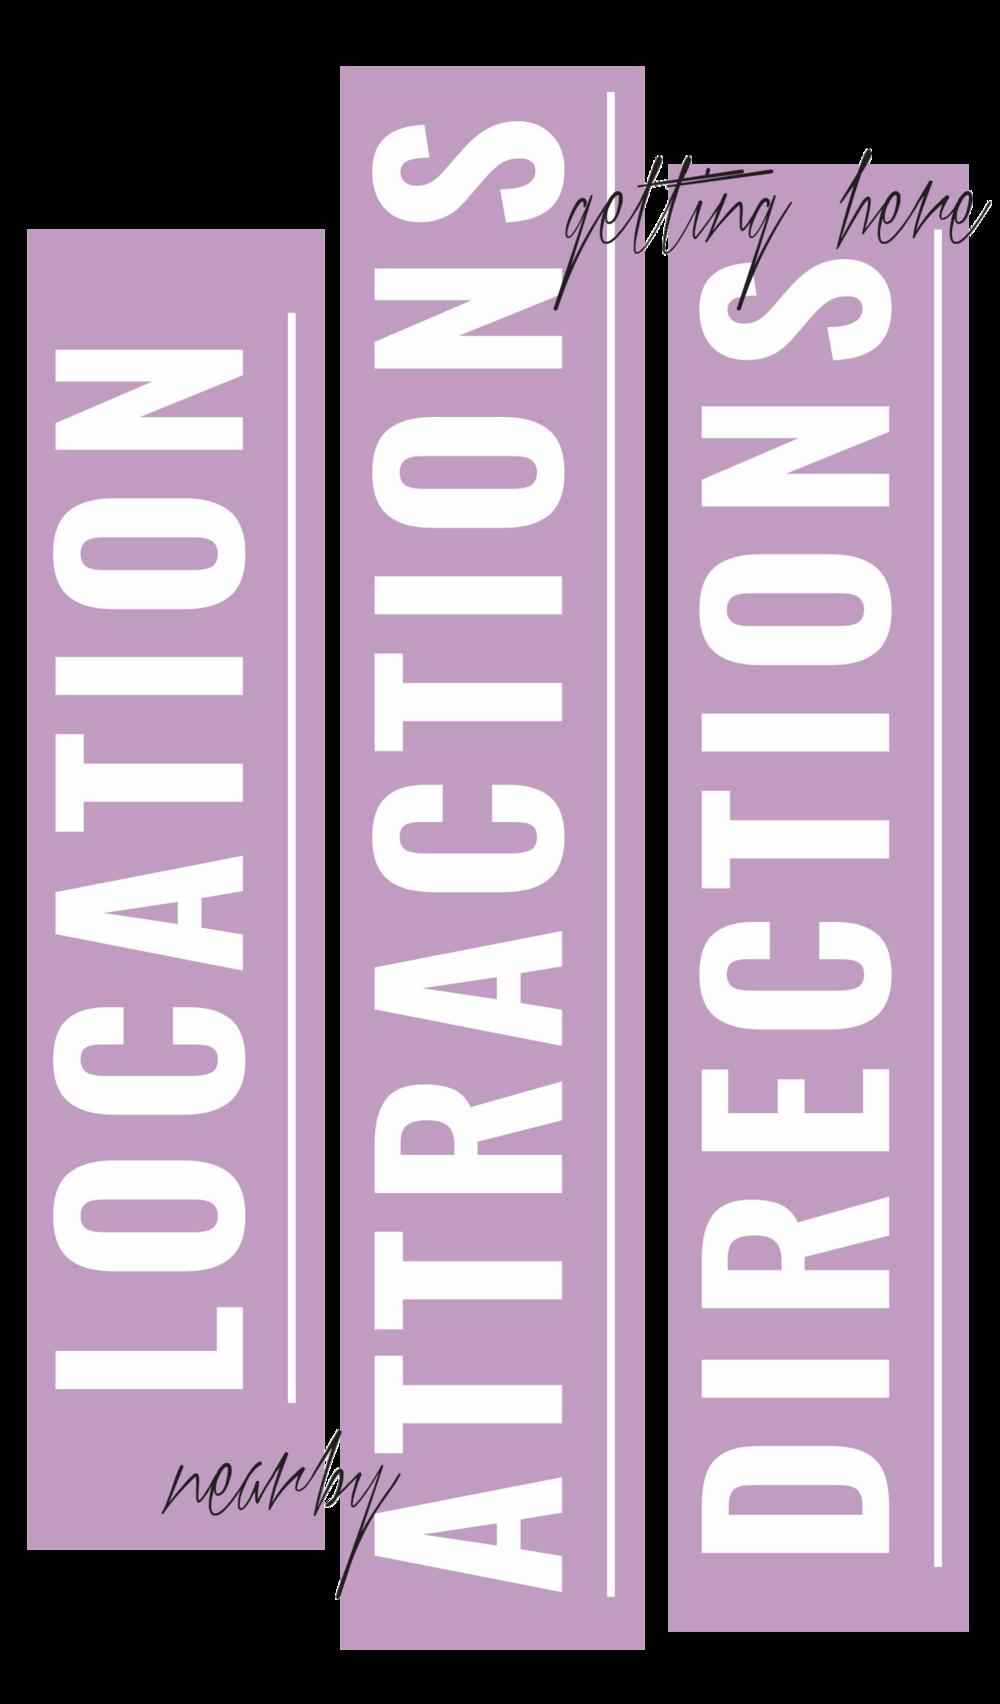 AV-Directions-location.png